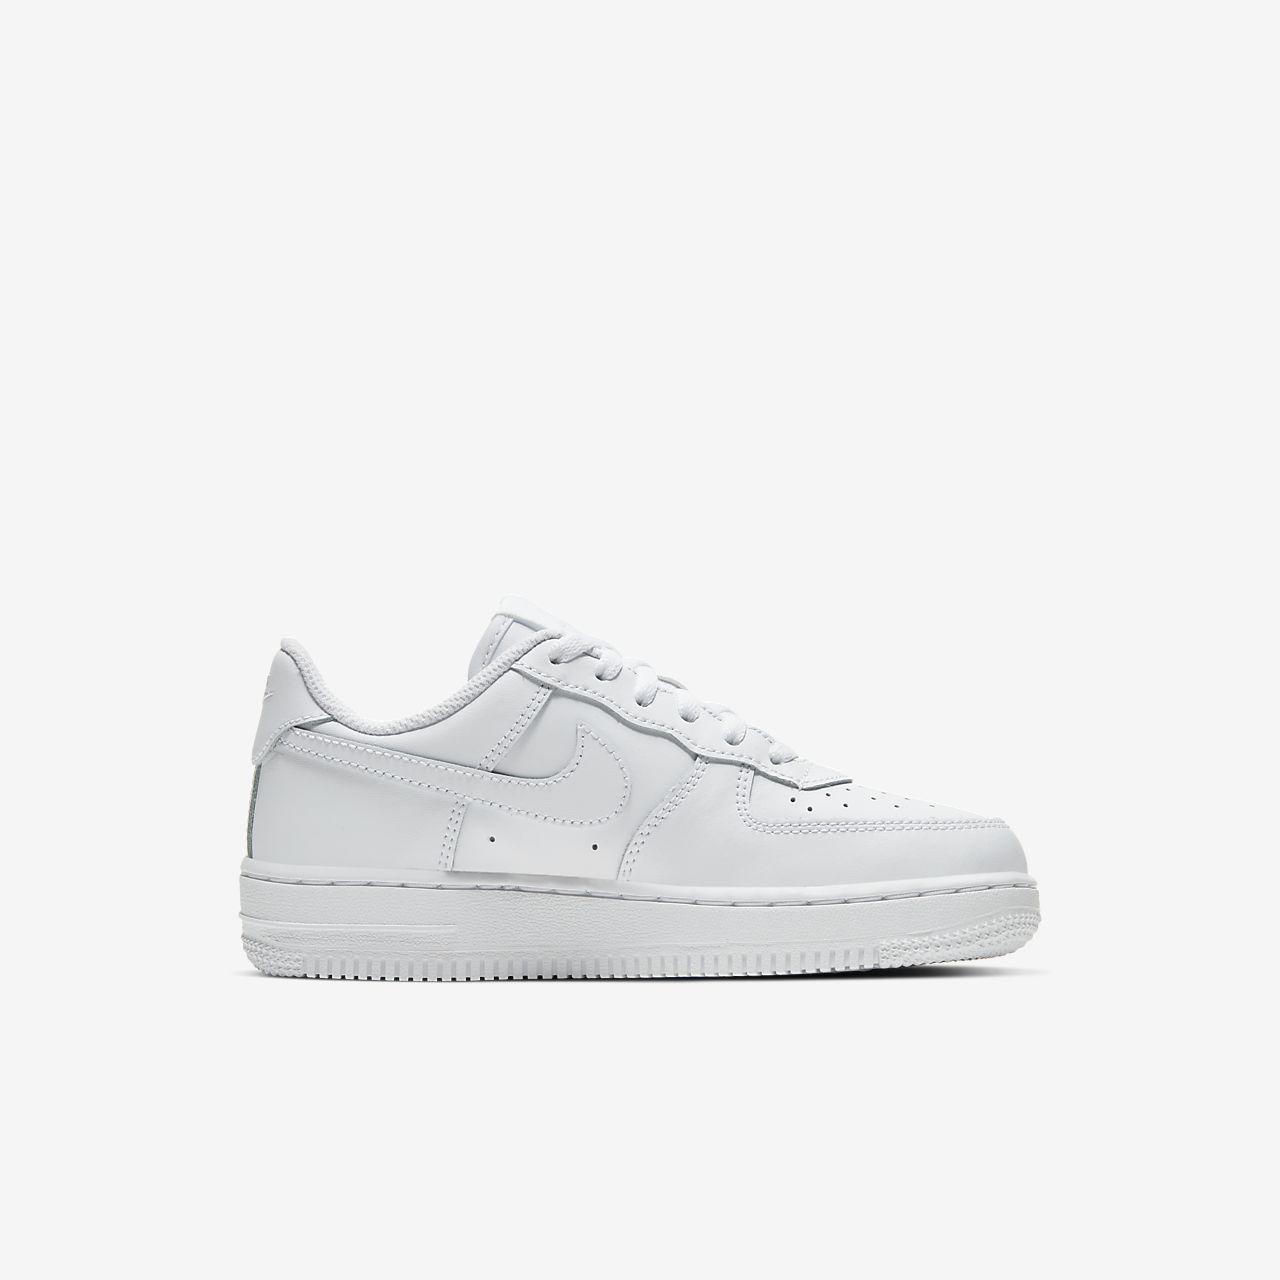 Nike Force 1 Triple White Little Kids' Shoe